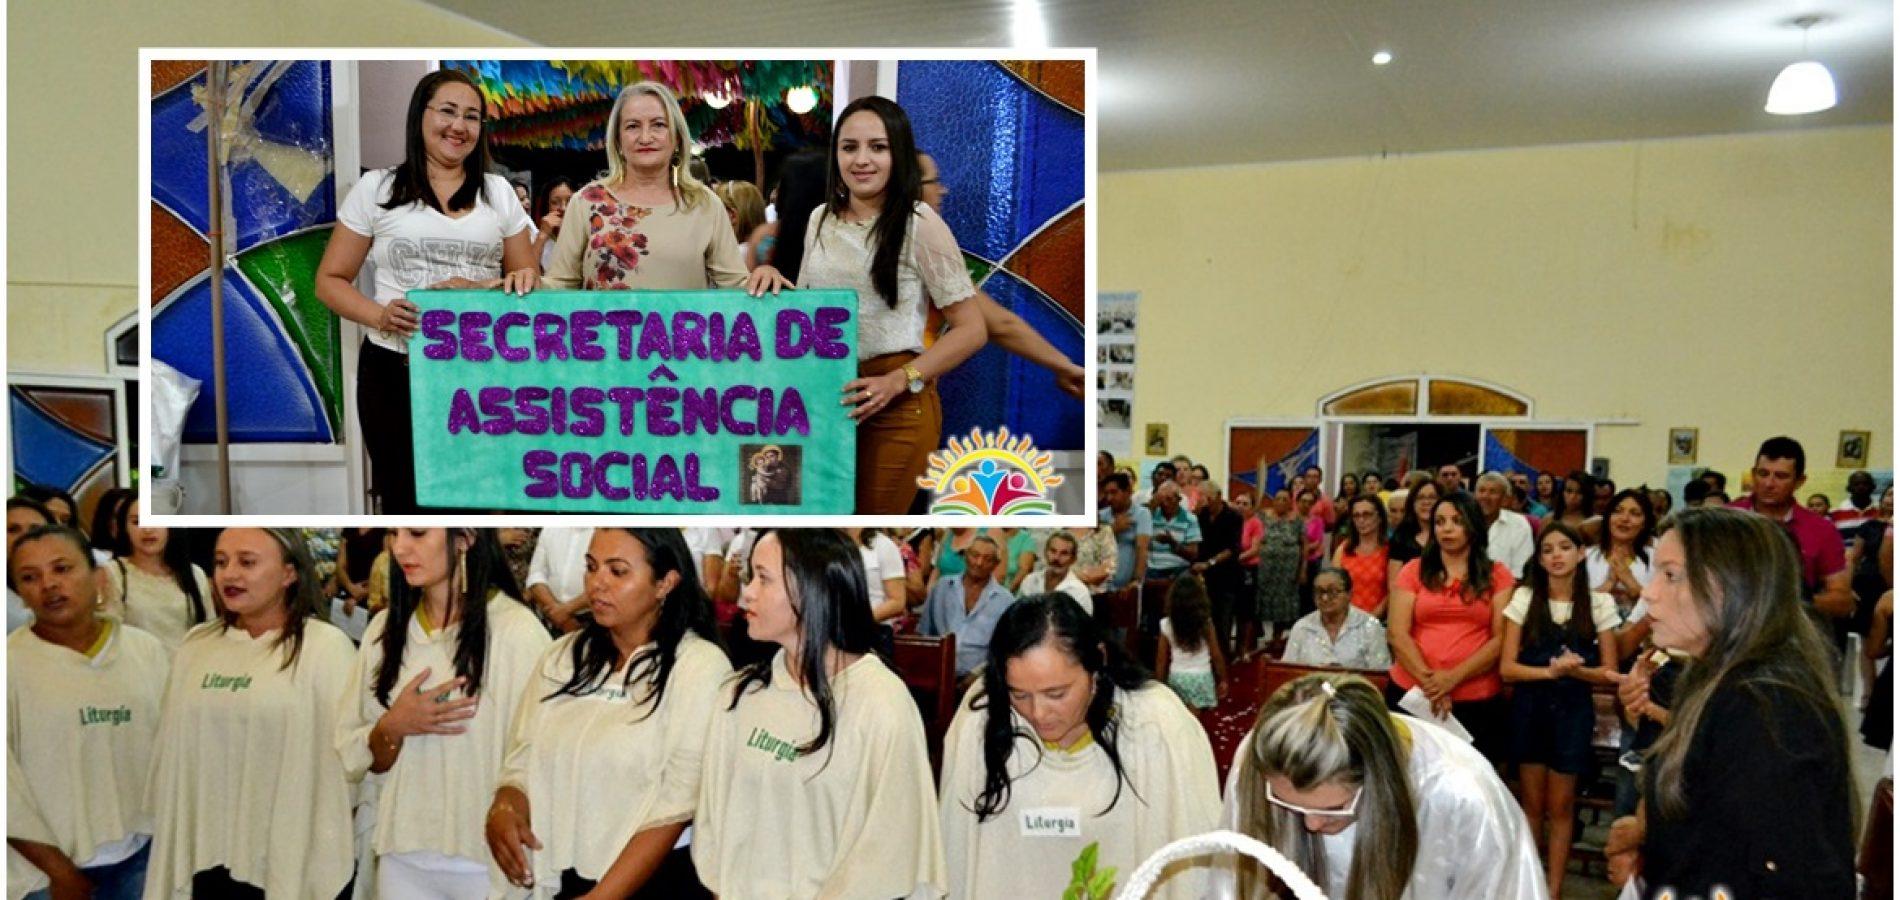 FOTOS   9ª e última noite de novena/missa dos festejos de Santo Antônio em Vila Nova do Piauí